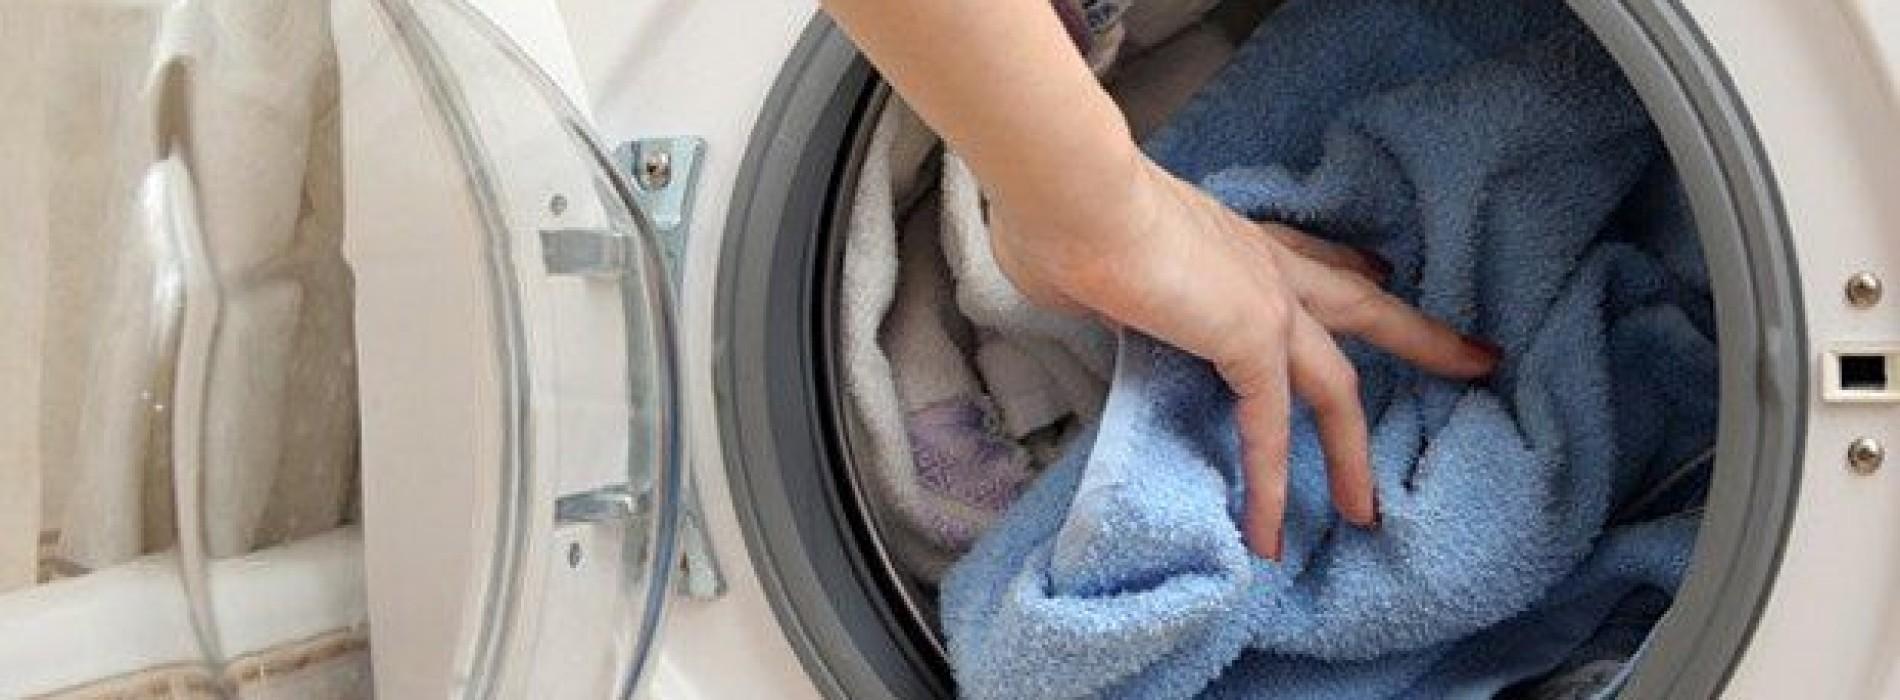 Reklamacja usług pralni